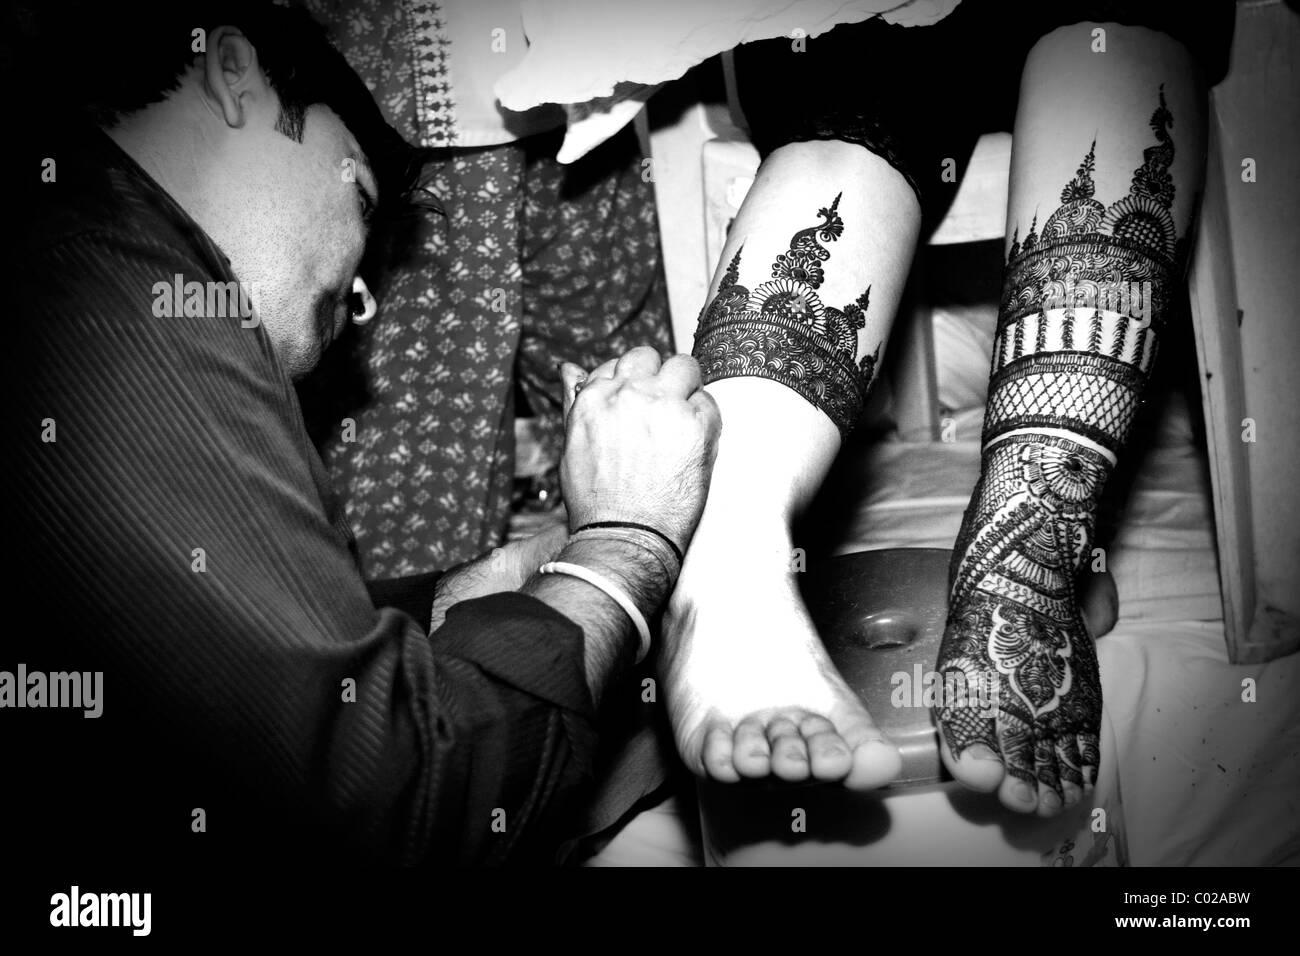 Un indiano sposa ottiene il suo caviglie dipinta con henna a Nuova Delhi in India. Immagini Stock